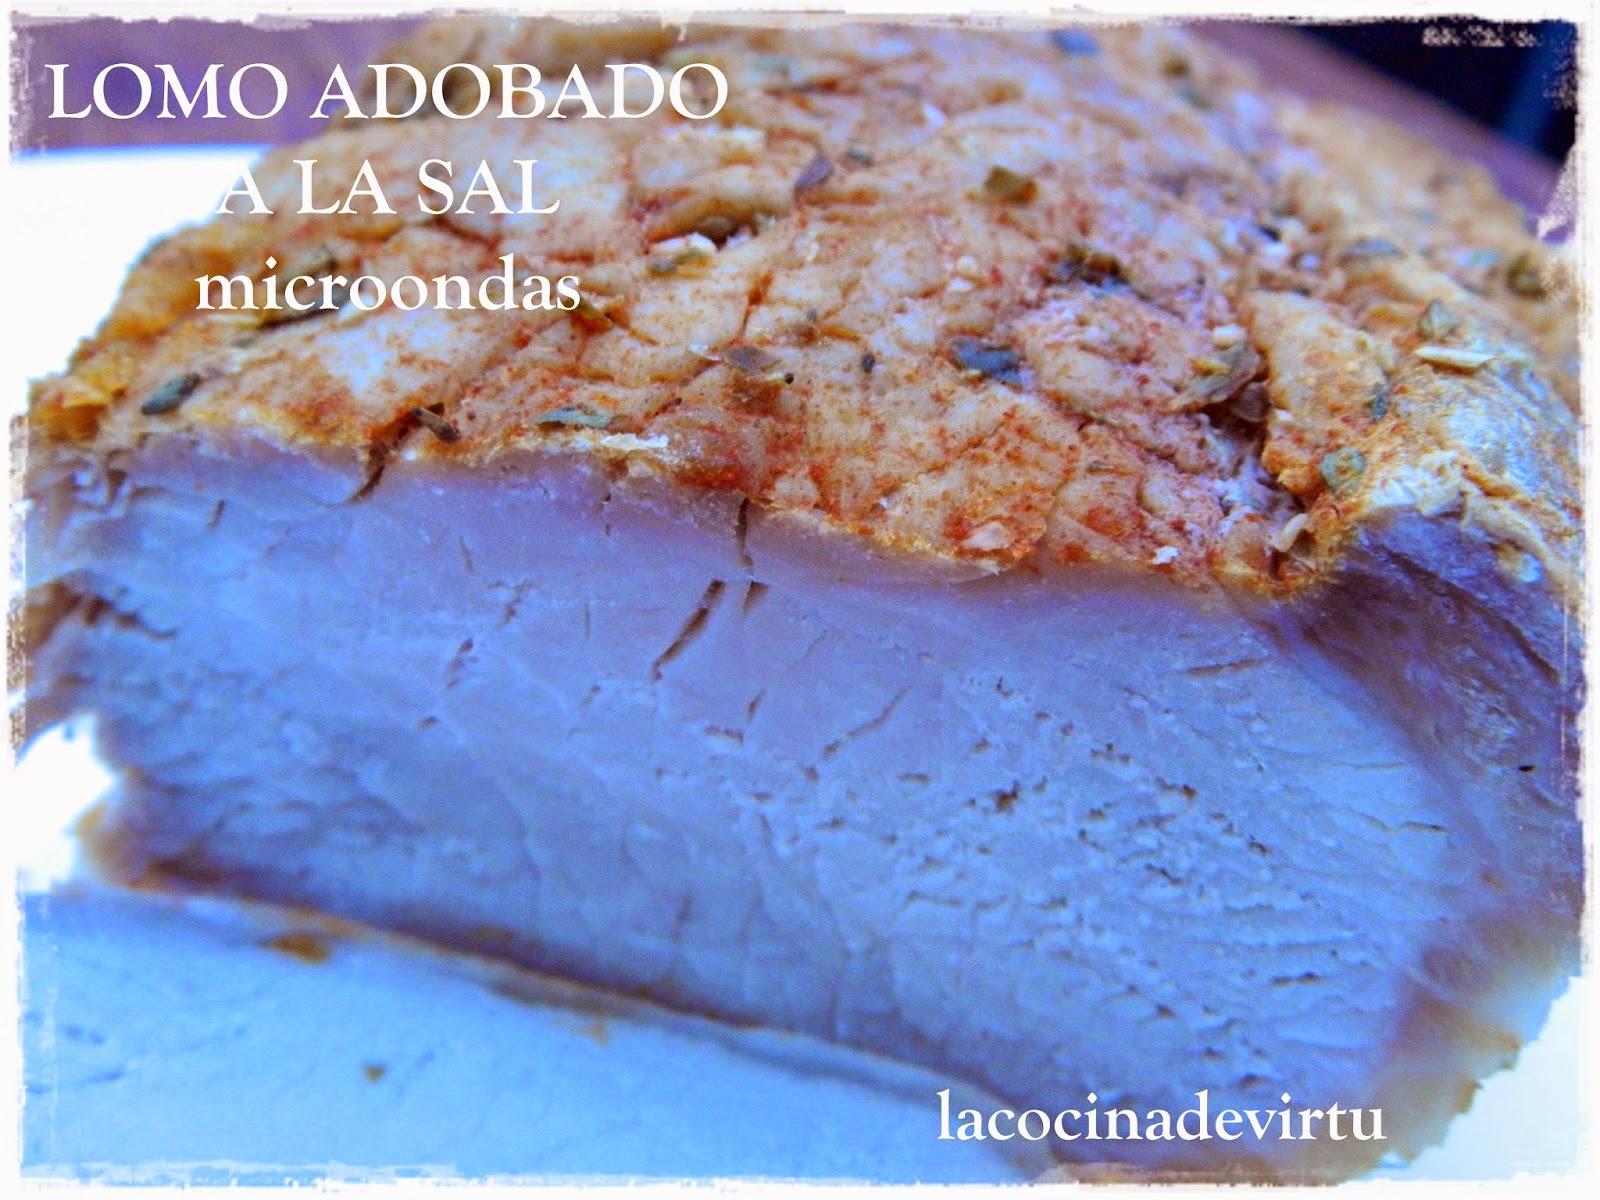 http://lacocinadevirtu.blogspot.com.es/2014/06/lomo-adobado-la-sal.html